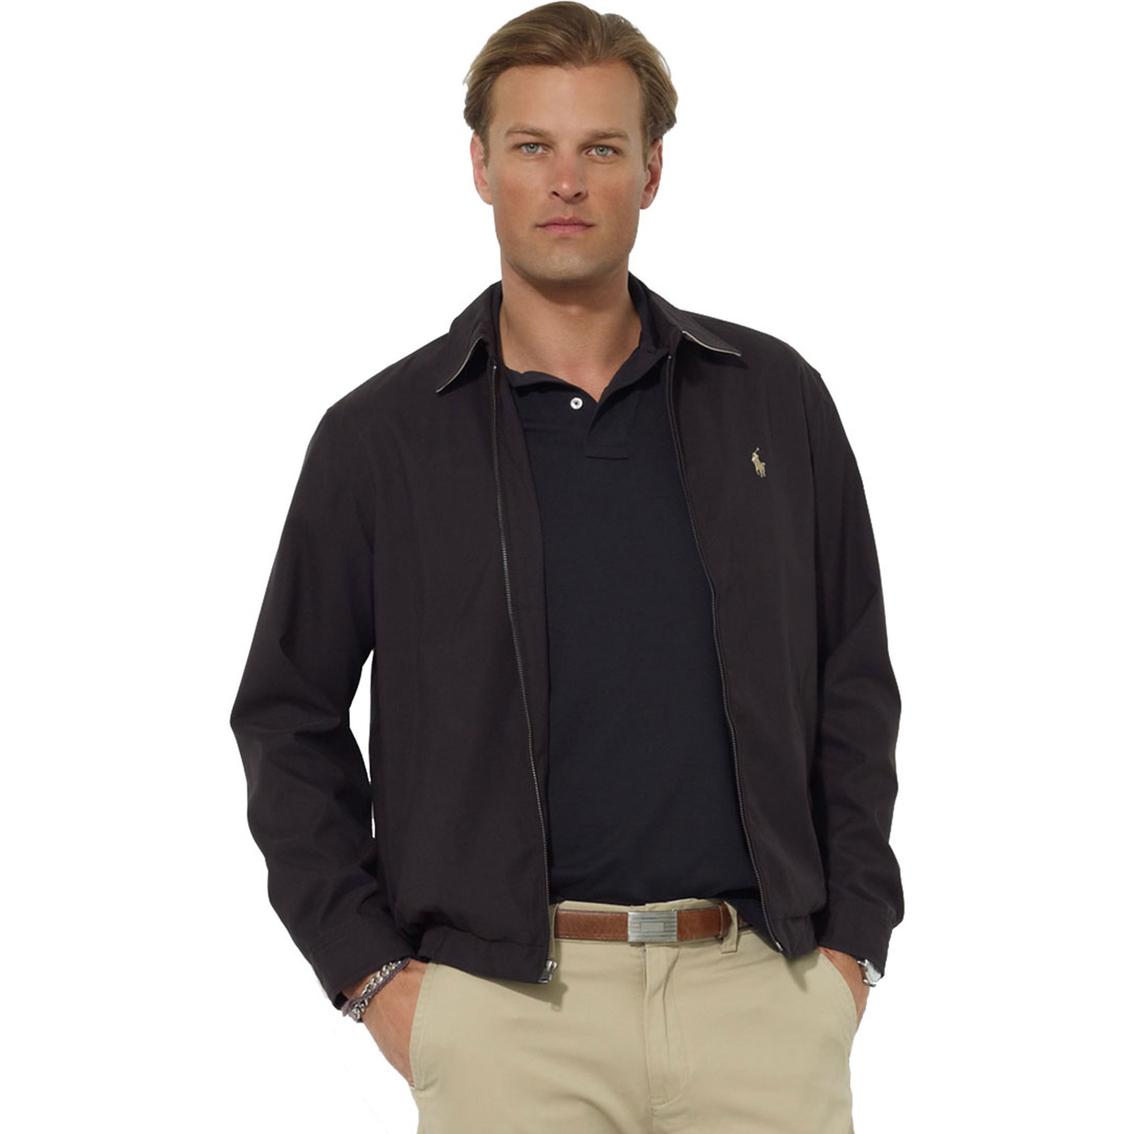 32f49a3804f911 Polo Ralph Lauren Bi Swing Microfiber Windbreaker Jacket | Polo ...